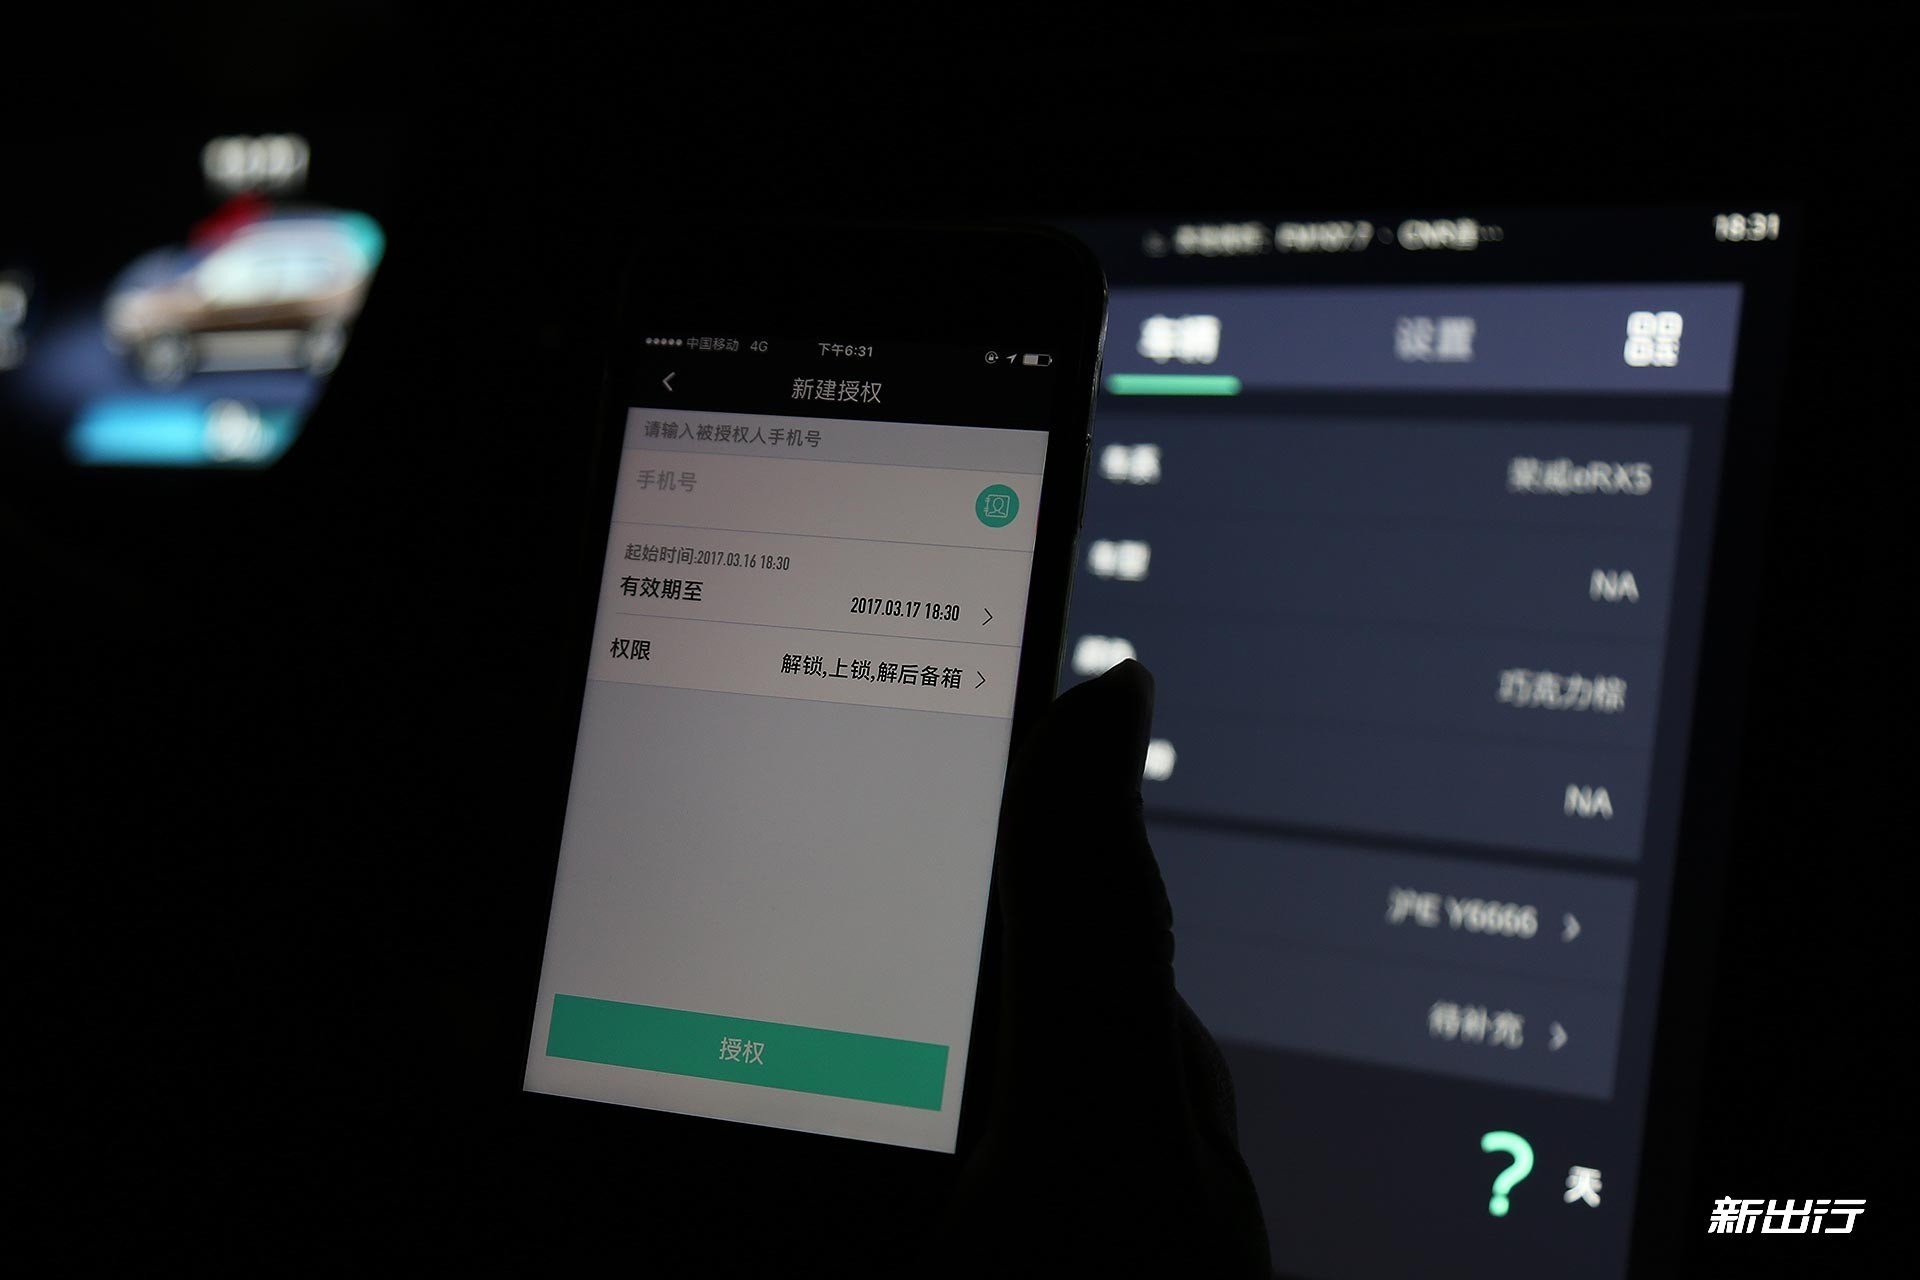 用大数据揭秘40万车主最爱干的5件事 斑马智行2017成绩单曝光